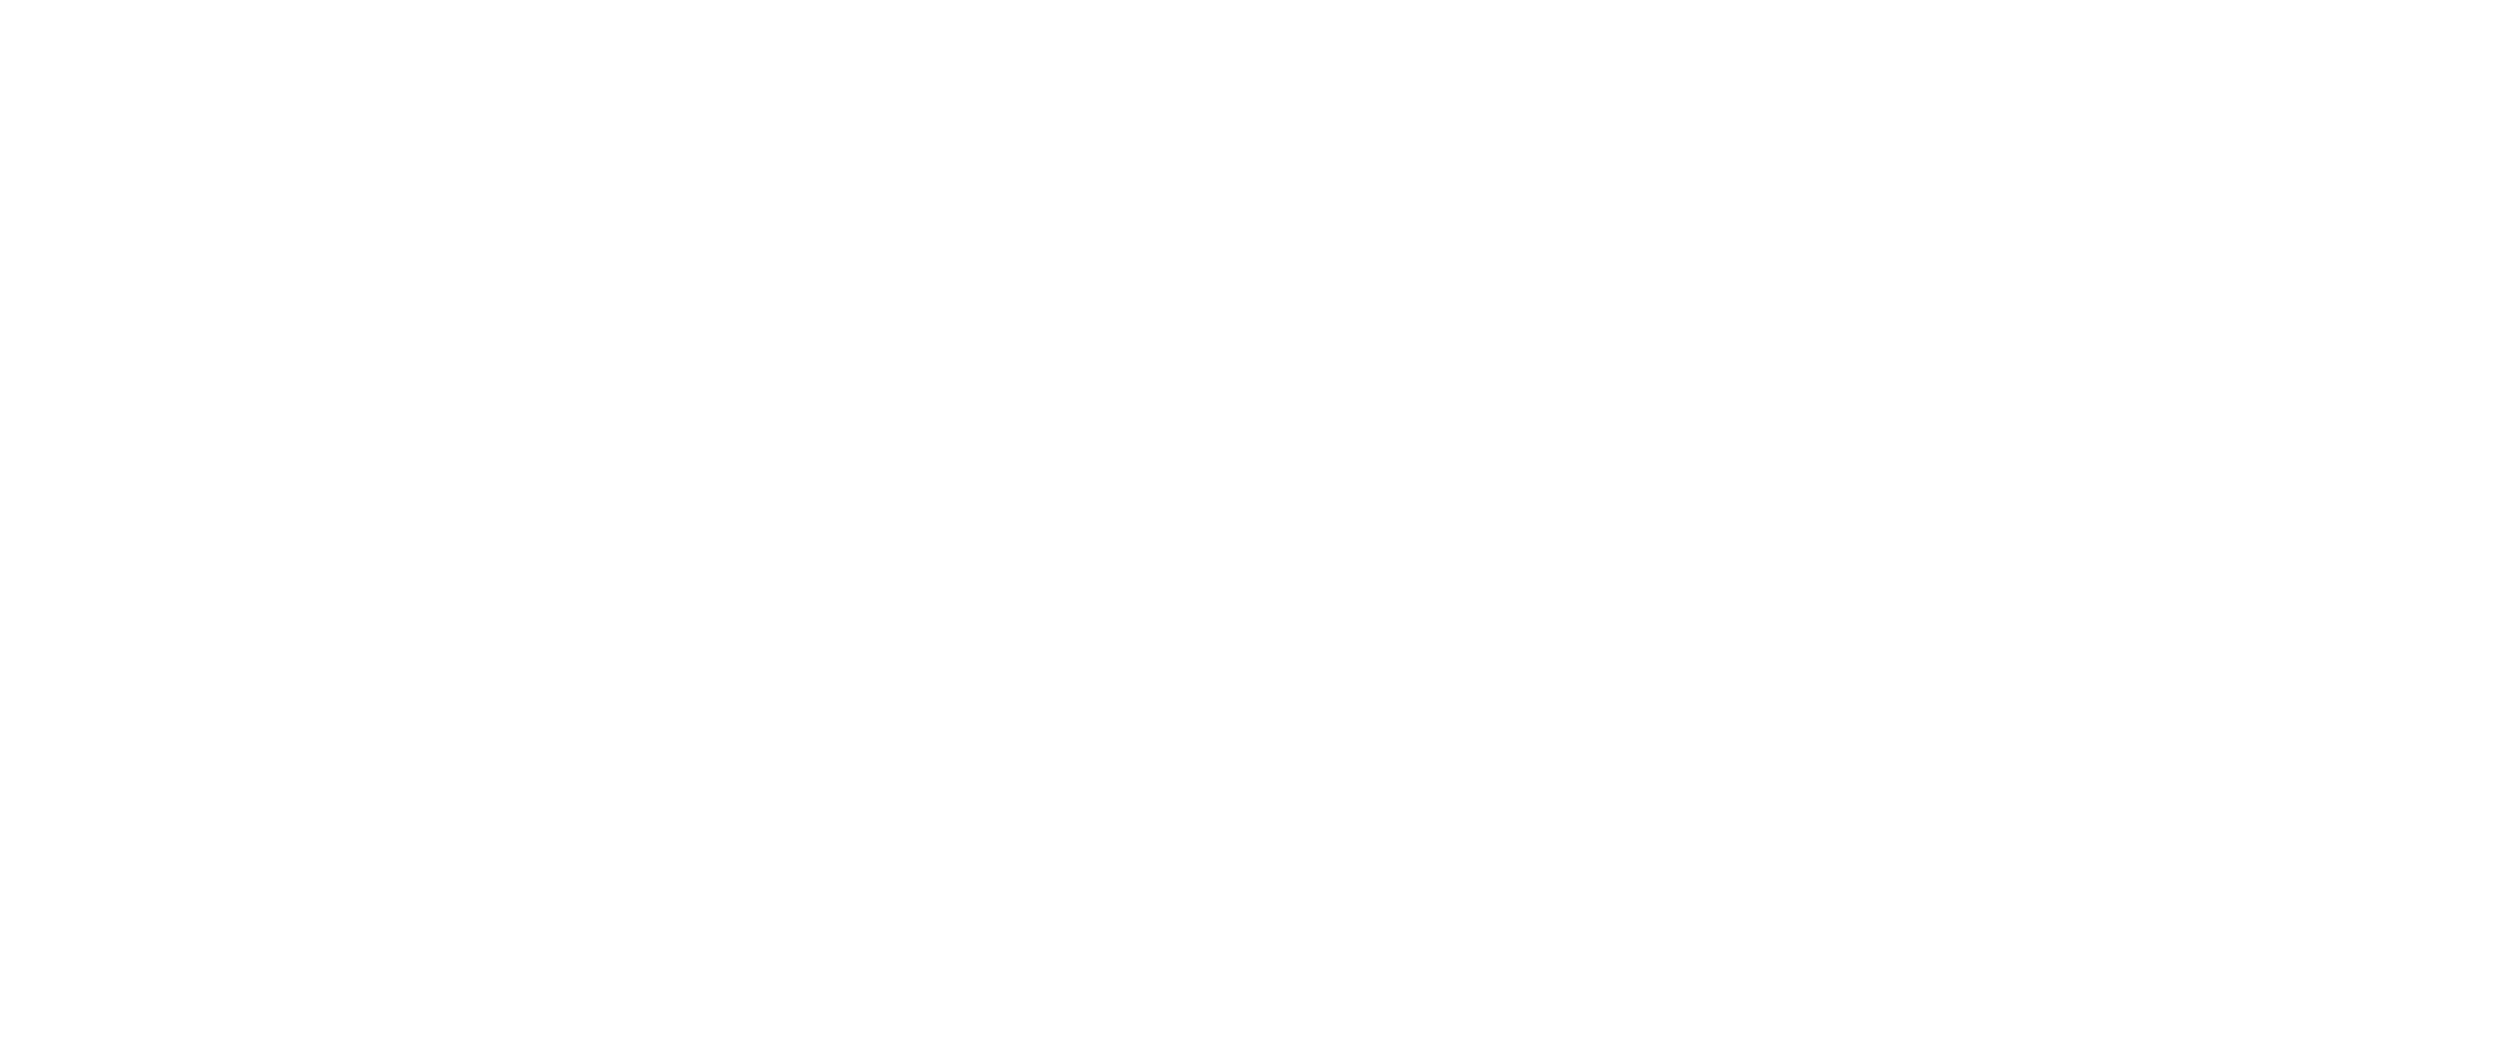 makro-logo-white.png